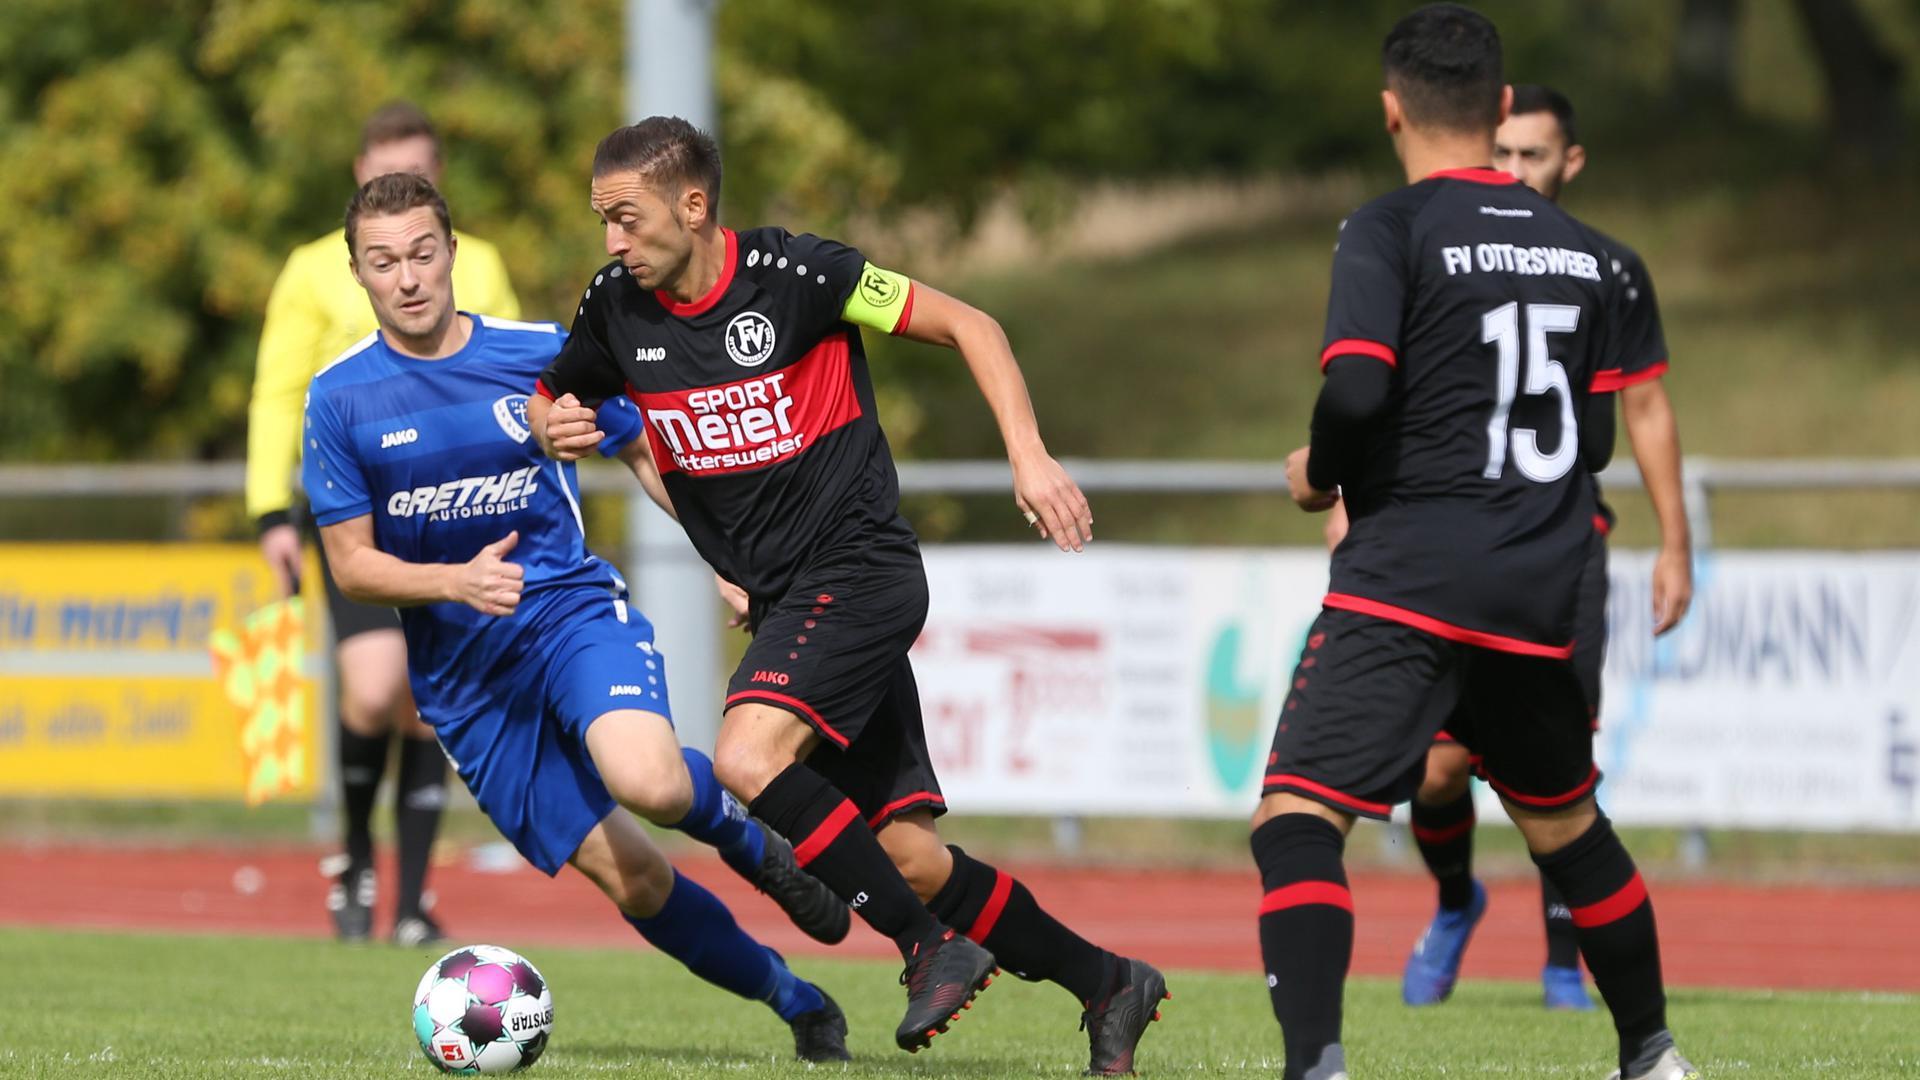 Prestigesieg im Landesliga-Derby: Ottersweiers Kapitän Gökhan Bilici (Mitte) und Anil Özenc (rechts) feierten am sechsten Spieltag einen 2:1-Heimerfolg gegen Fabian Ernst (links) und den SV Ulm.